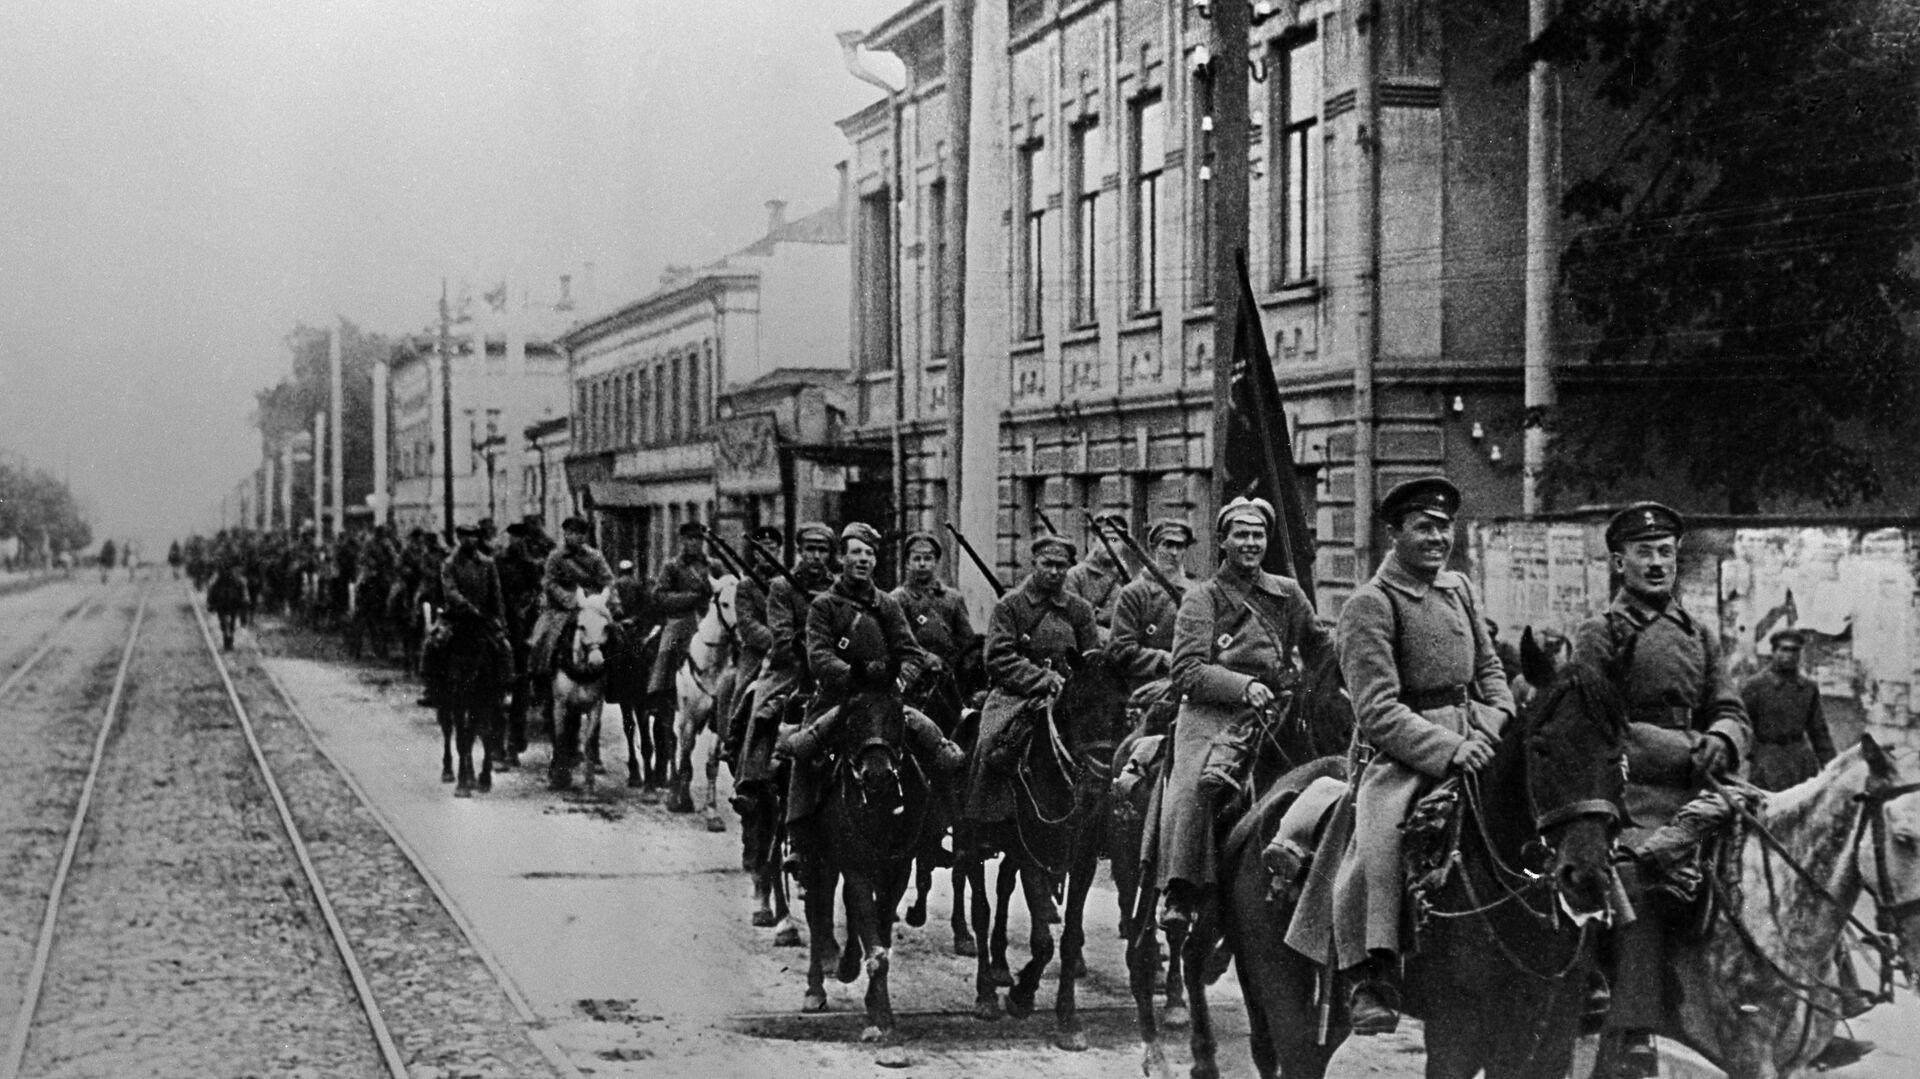 Armia Czerwona w Kazaniu, 1918 r. - Sputnik Polska, 1920, 23.06.2021